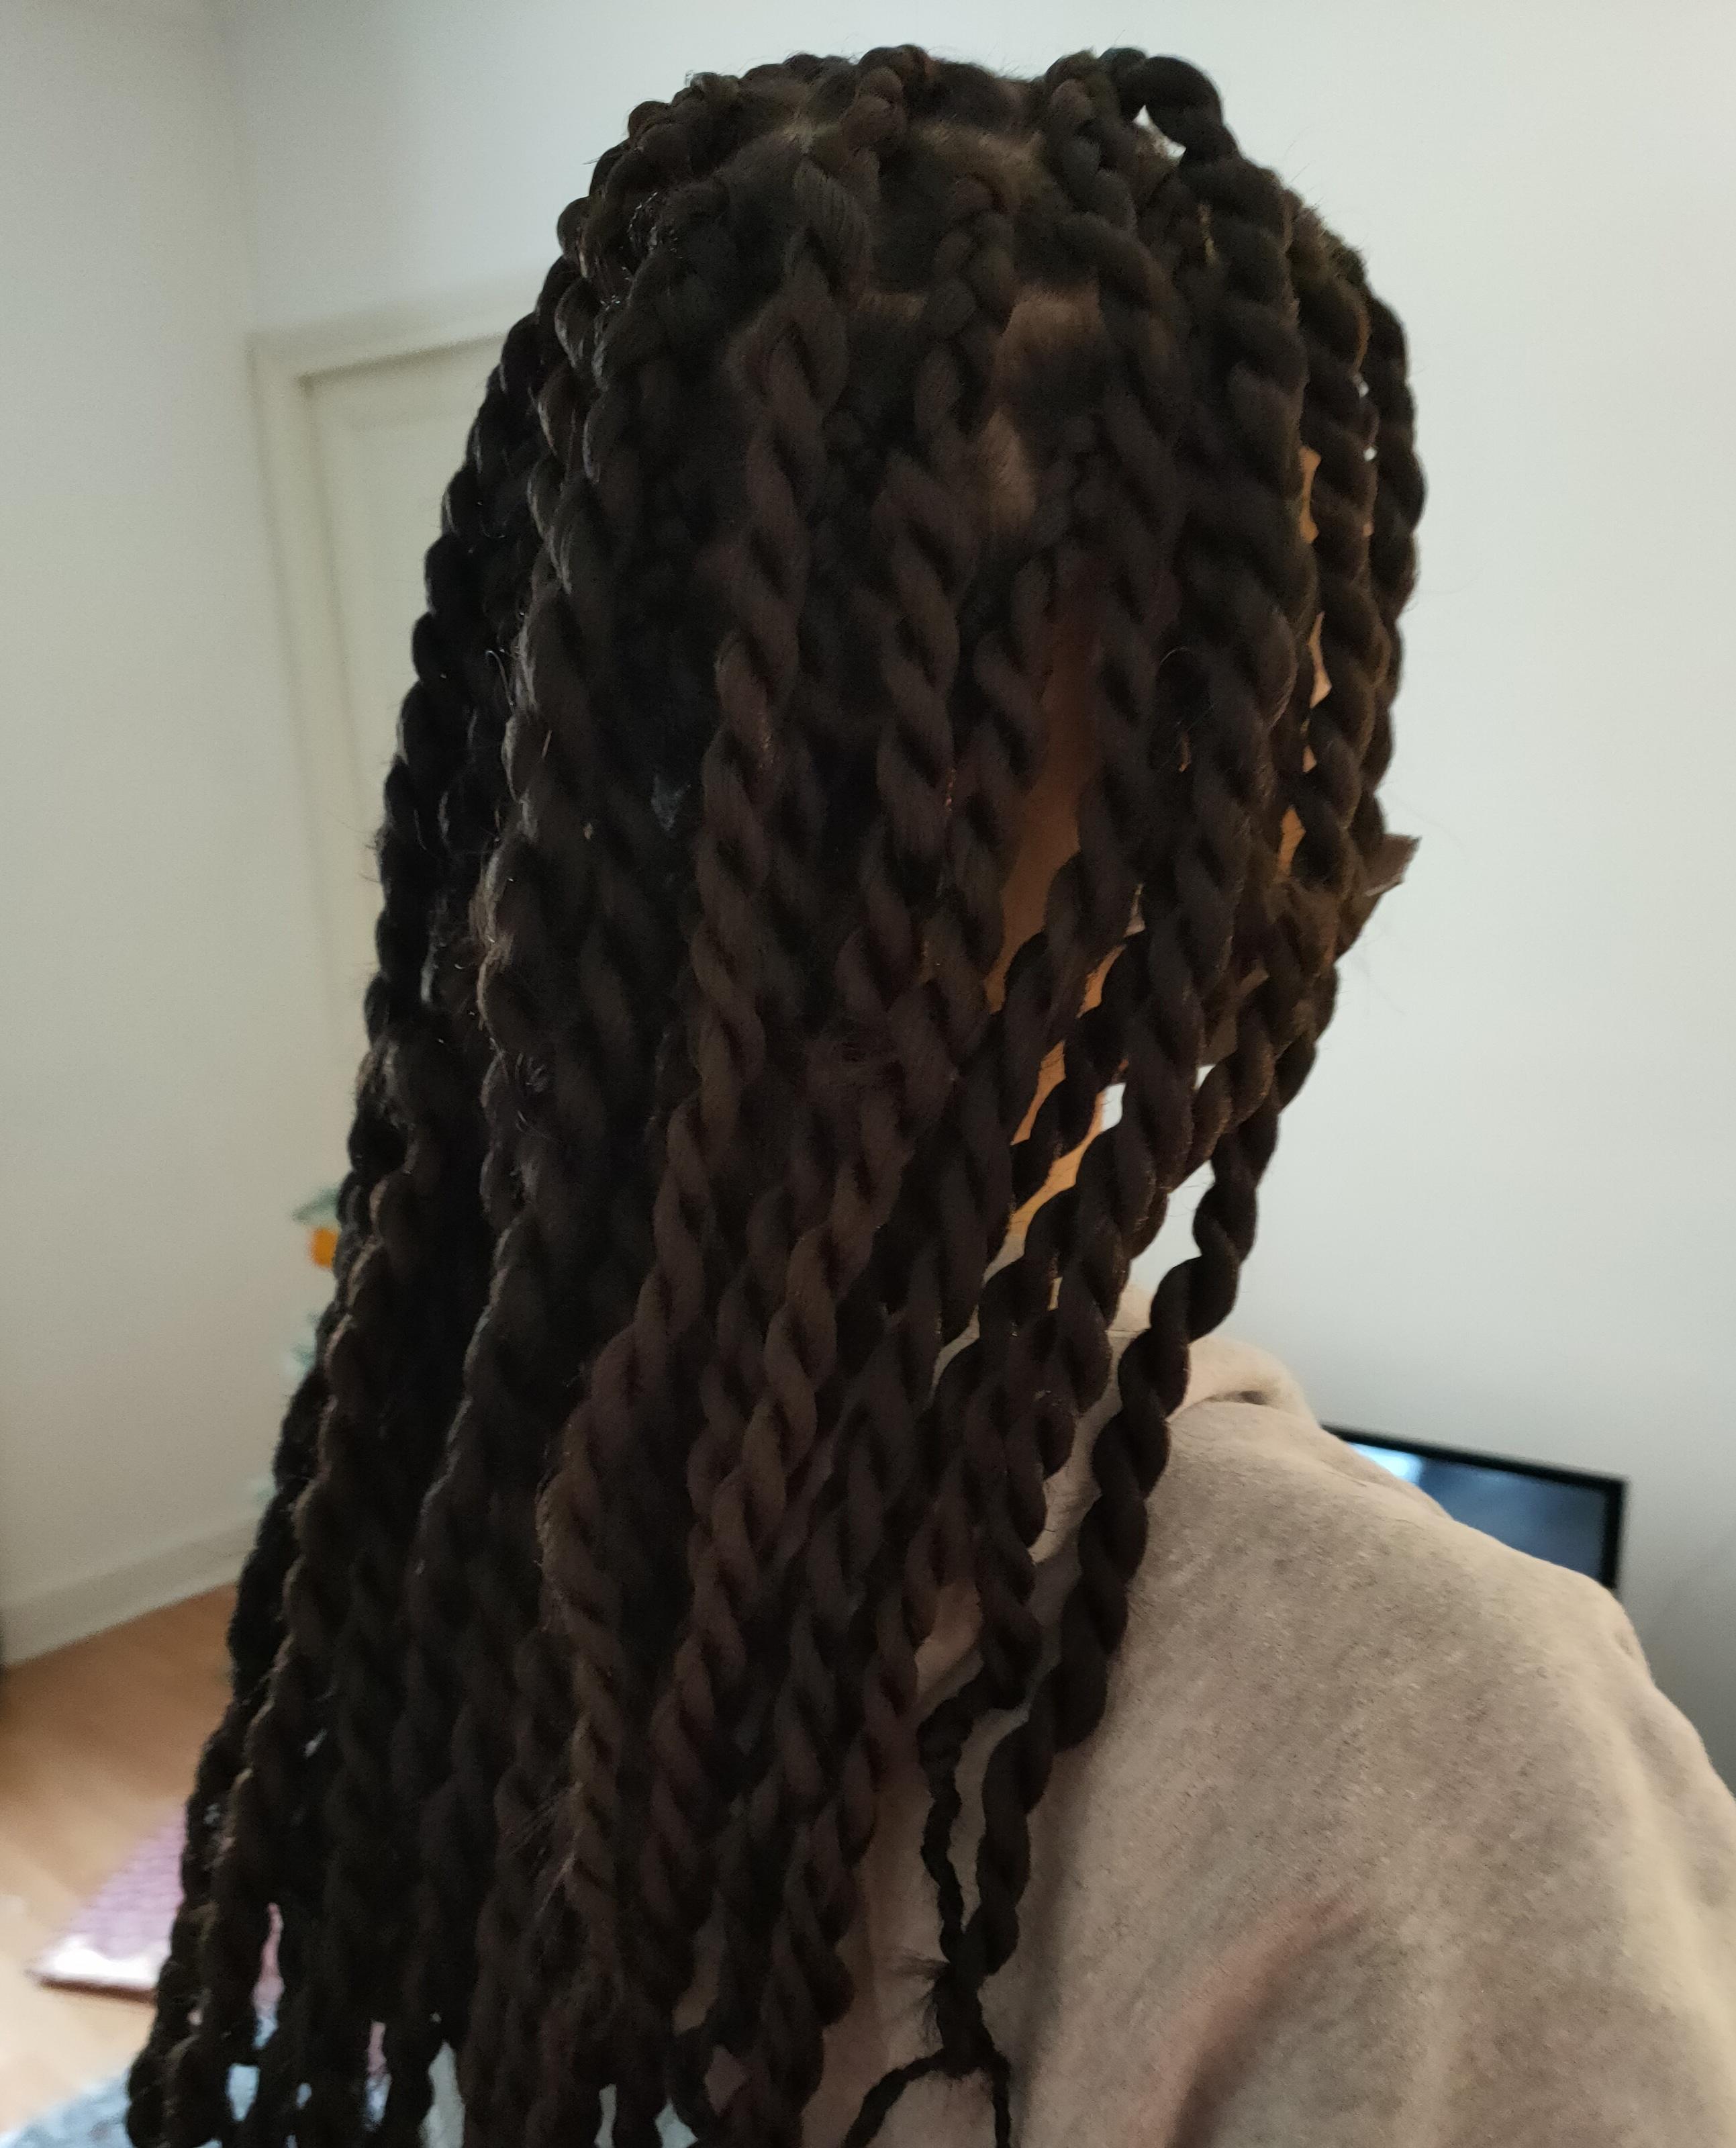 salon de coiffure afro tresse tresses box braids crochet braids vanilles tissages paris 75 77 78 91 92 93 94 95 PSCSRCFI